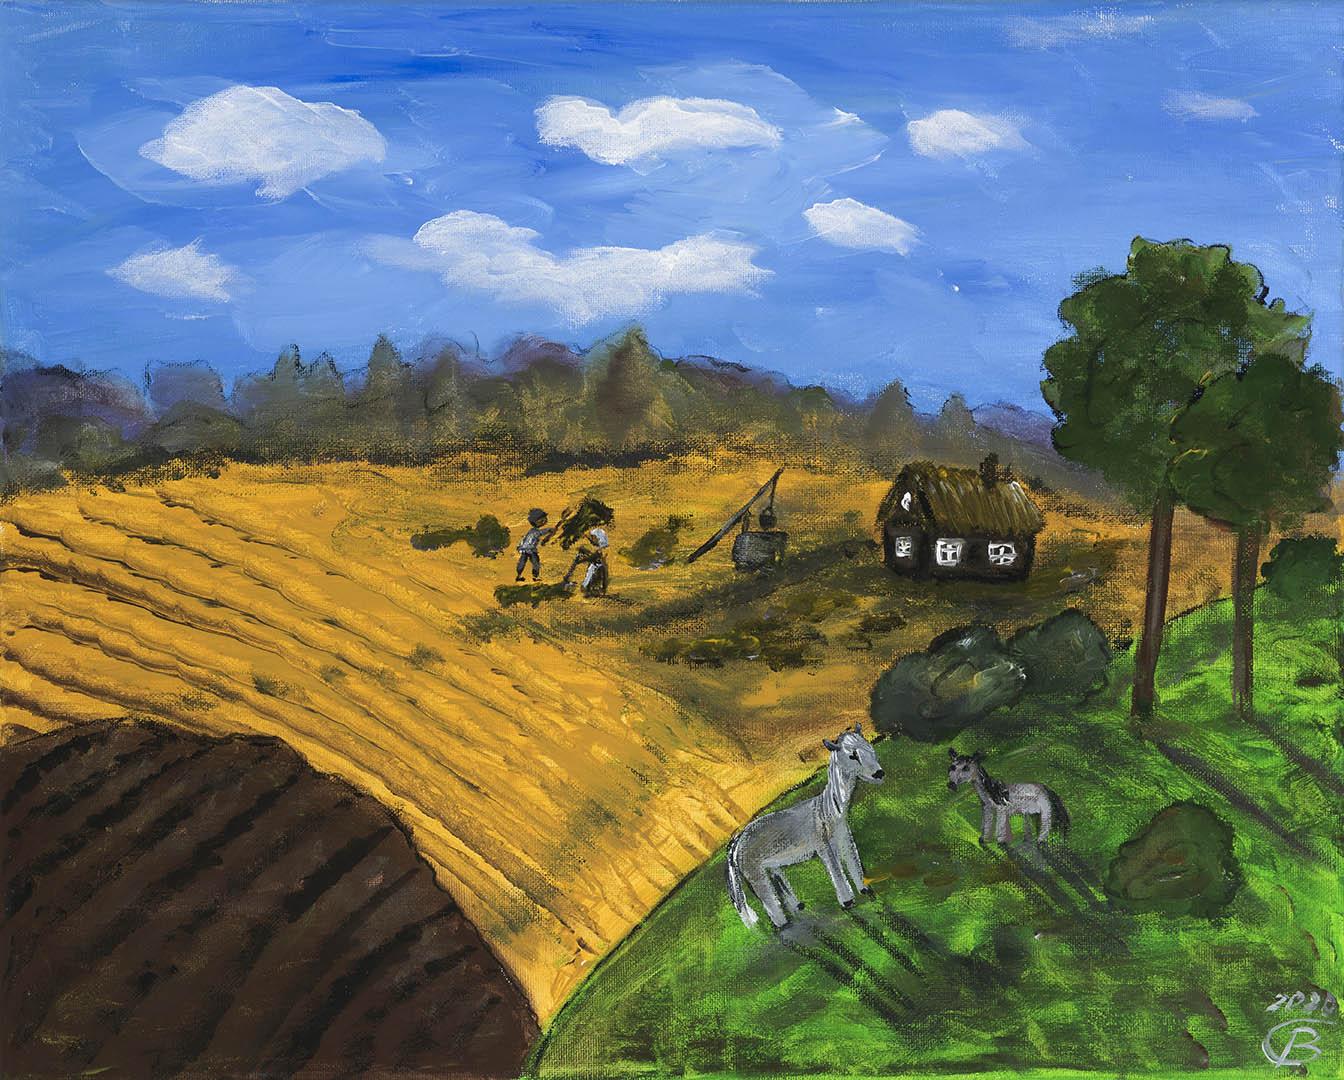 """Birutė Dapkienė. """"Rugsėjis kaime"""", 2020 m. Drobė, akrilas; 40 x 50 cm"""